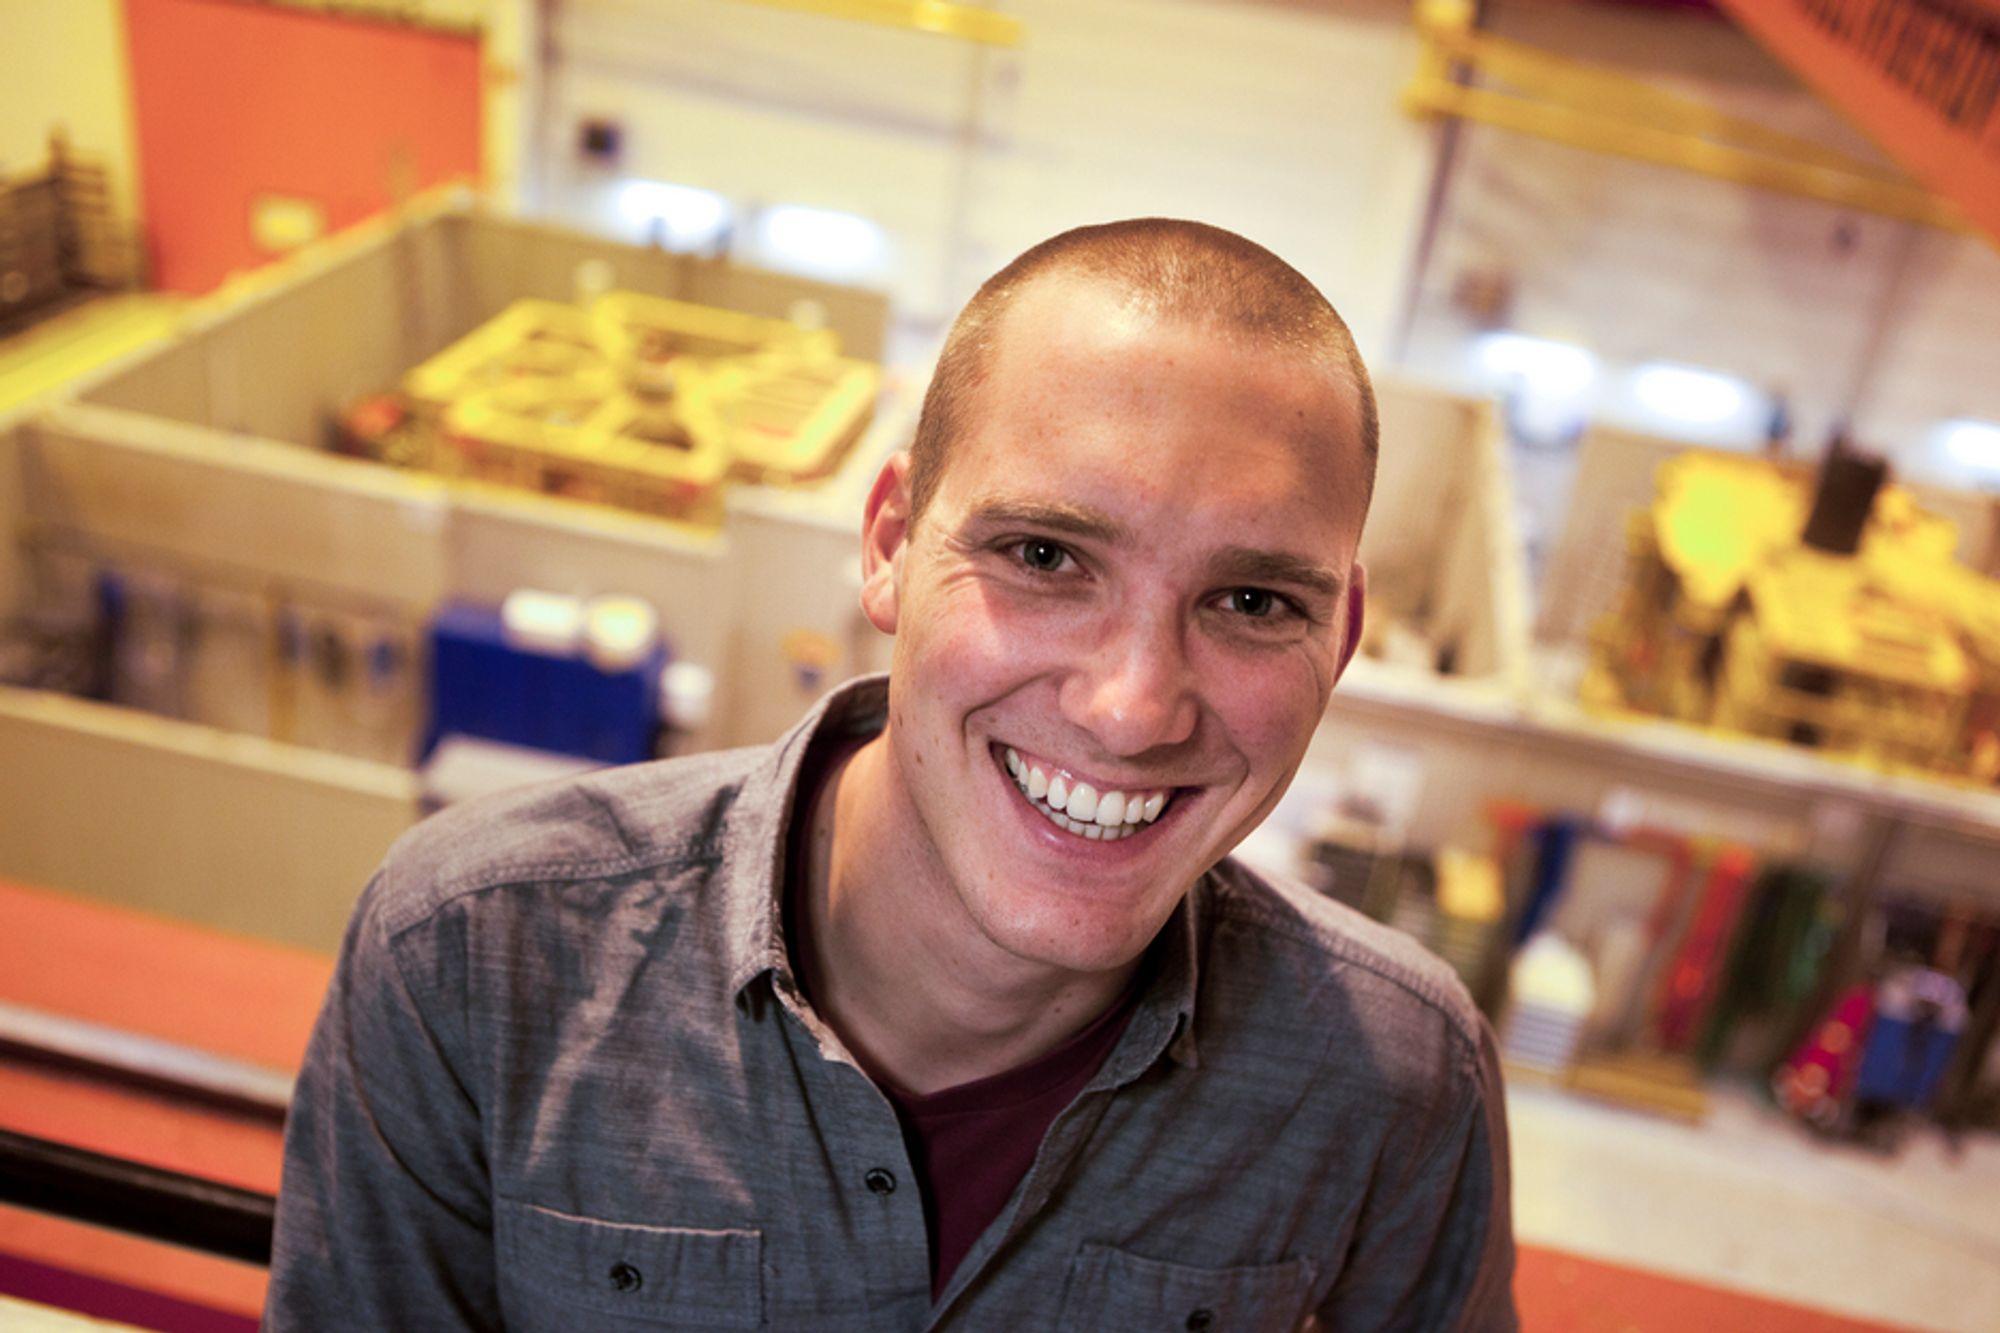 GÅR MOT STRØMMEN: Tradisjonelt er studenter som gjennomfører en næringsrettet PhD ansatt hos forskningsinstitusjonen. Det snur Aker Solutions opp ned på nå. De har ansatt Johan Wesmann (26) fra NTNU i en fast stilling, noe som gjør ham til en av de få i Norge som har fast PhD- stilling hos en bedrift.